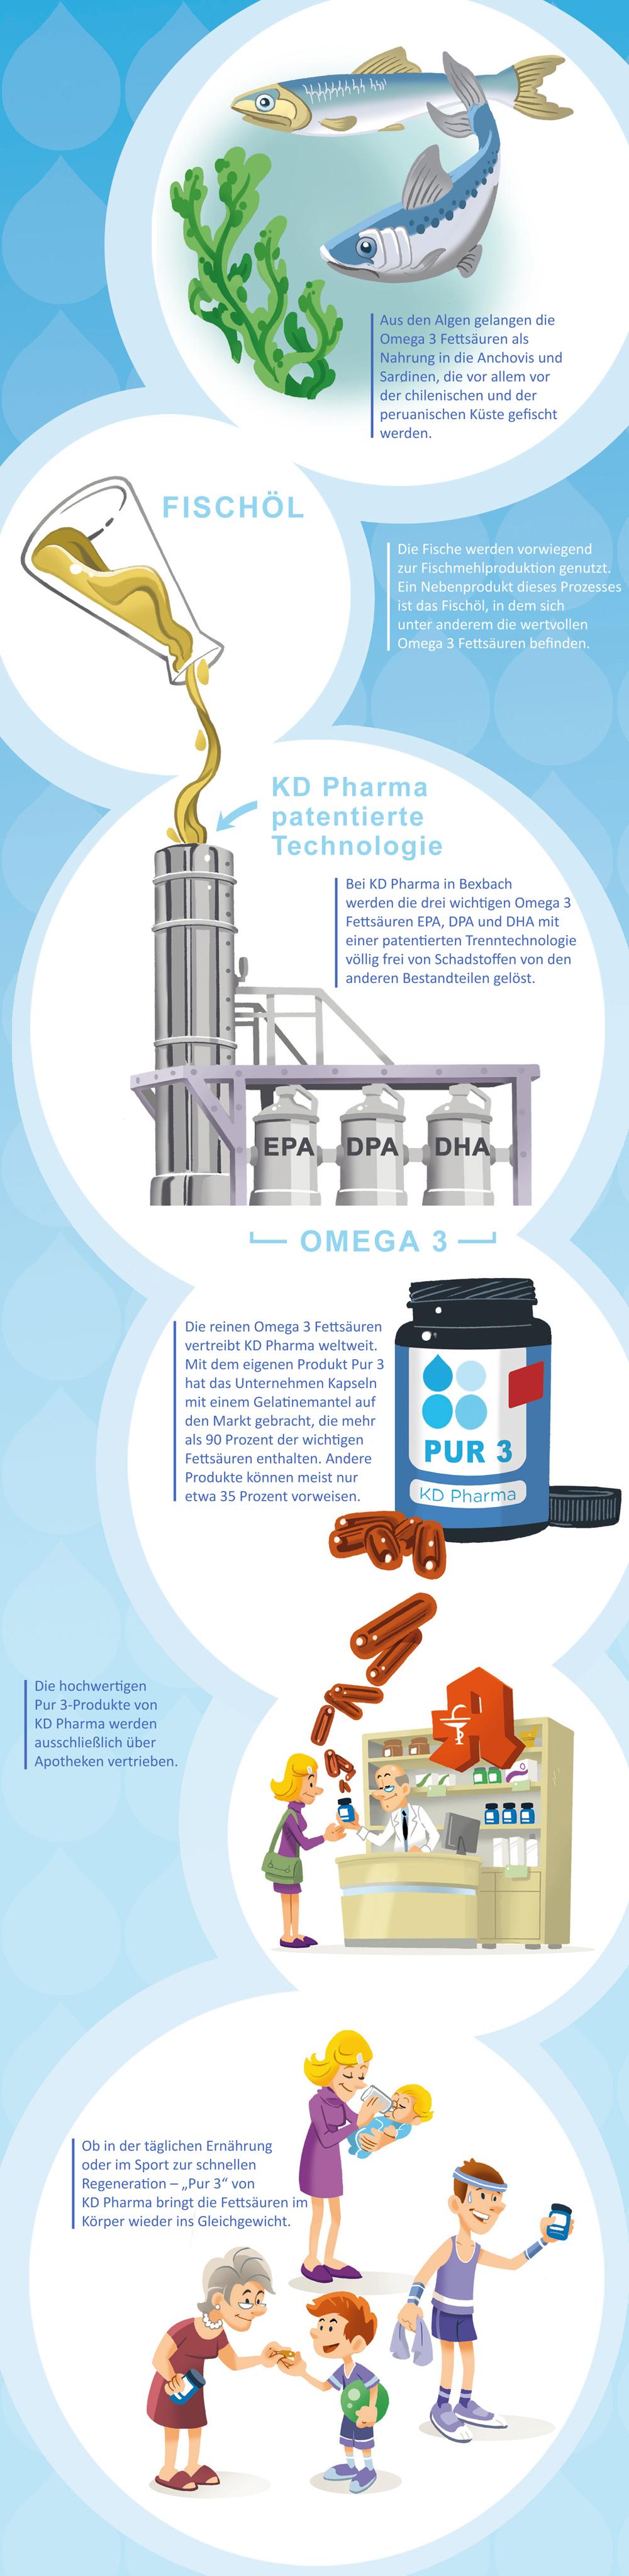 infografik_kd-pharma_korr_02